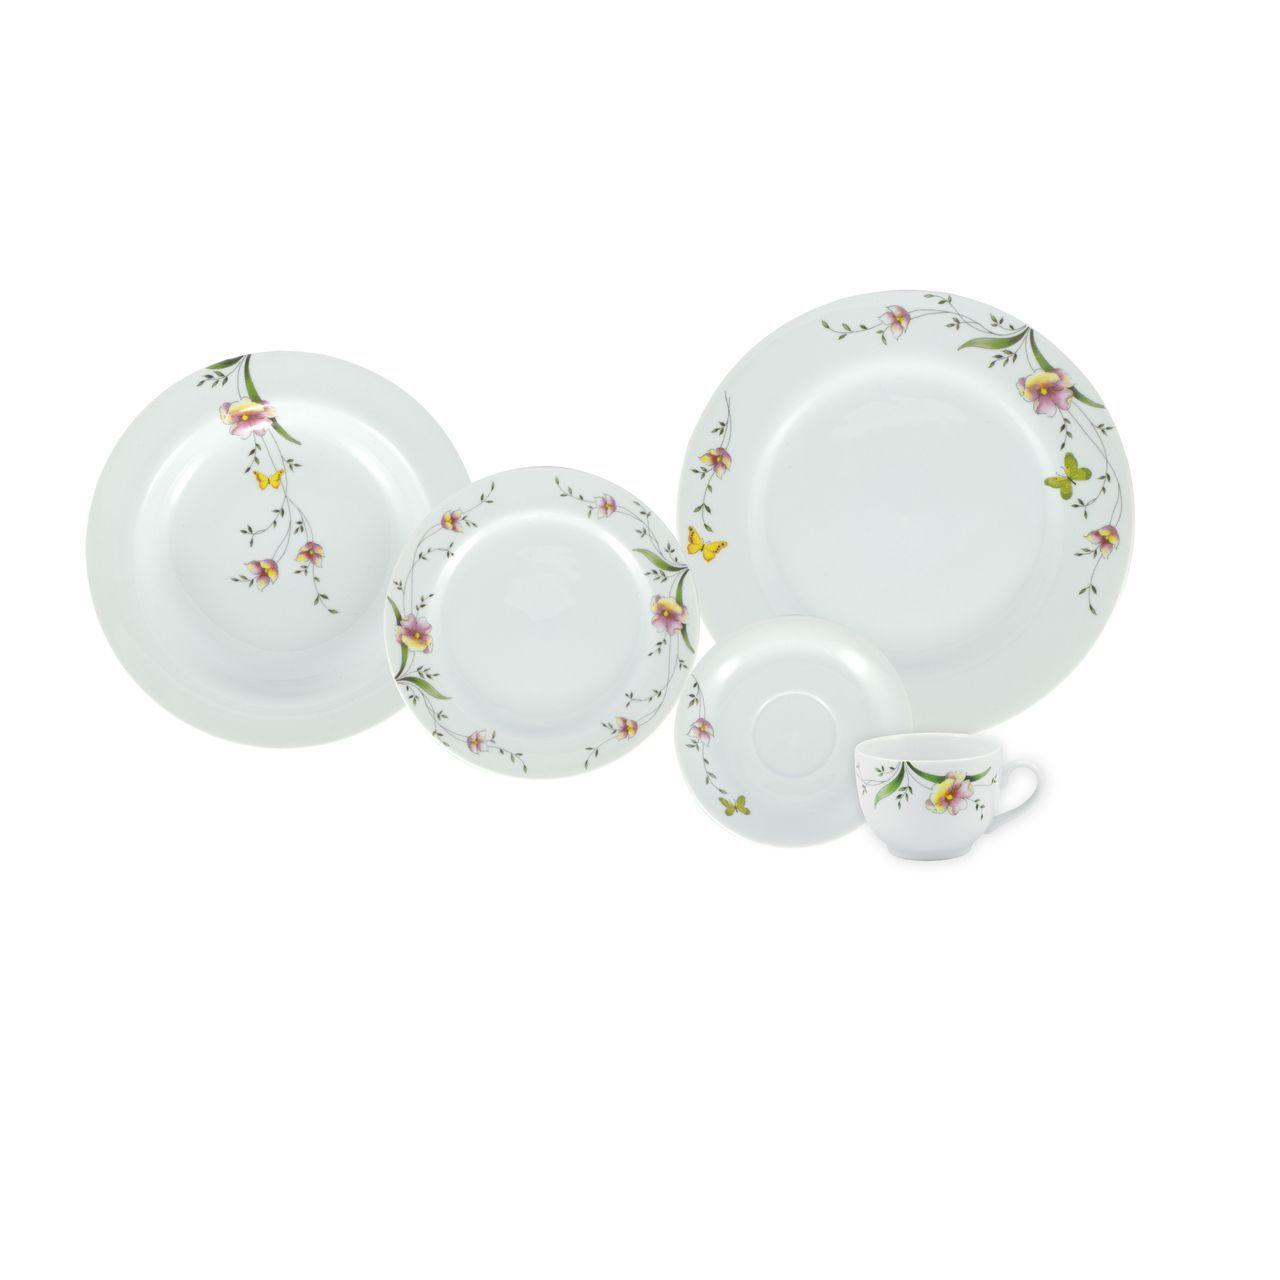 Serviço De Jantar E Chá Em Porcelana 20 Peças - Carmen Schmidt - Porcelana Schmidt